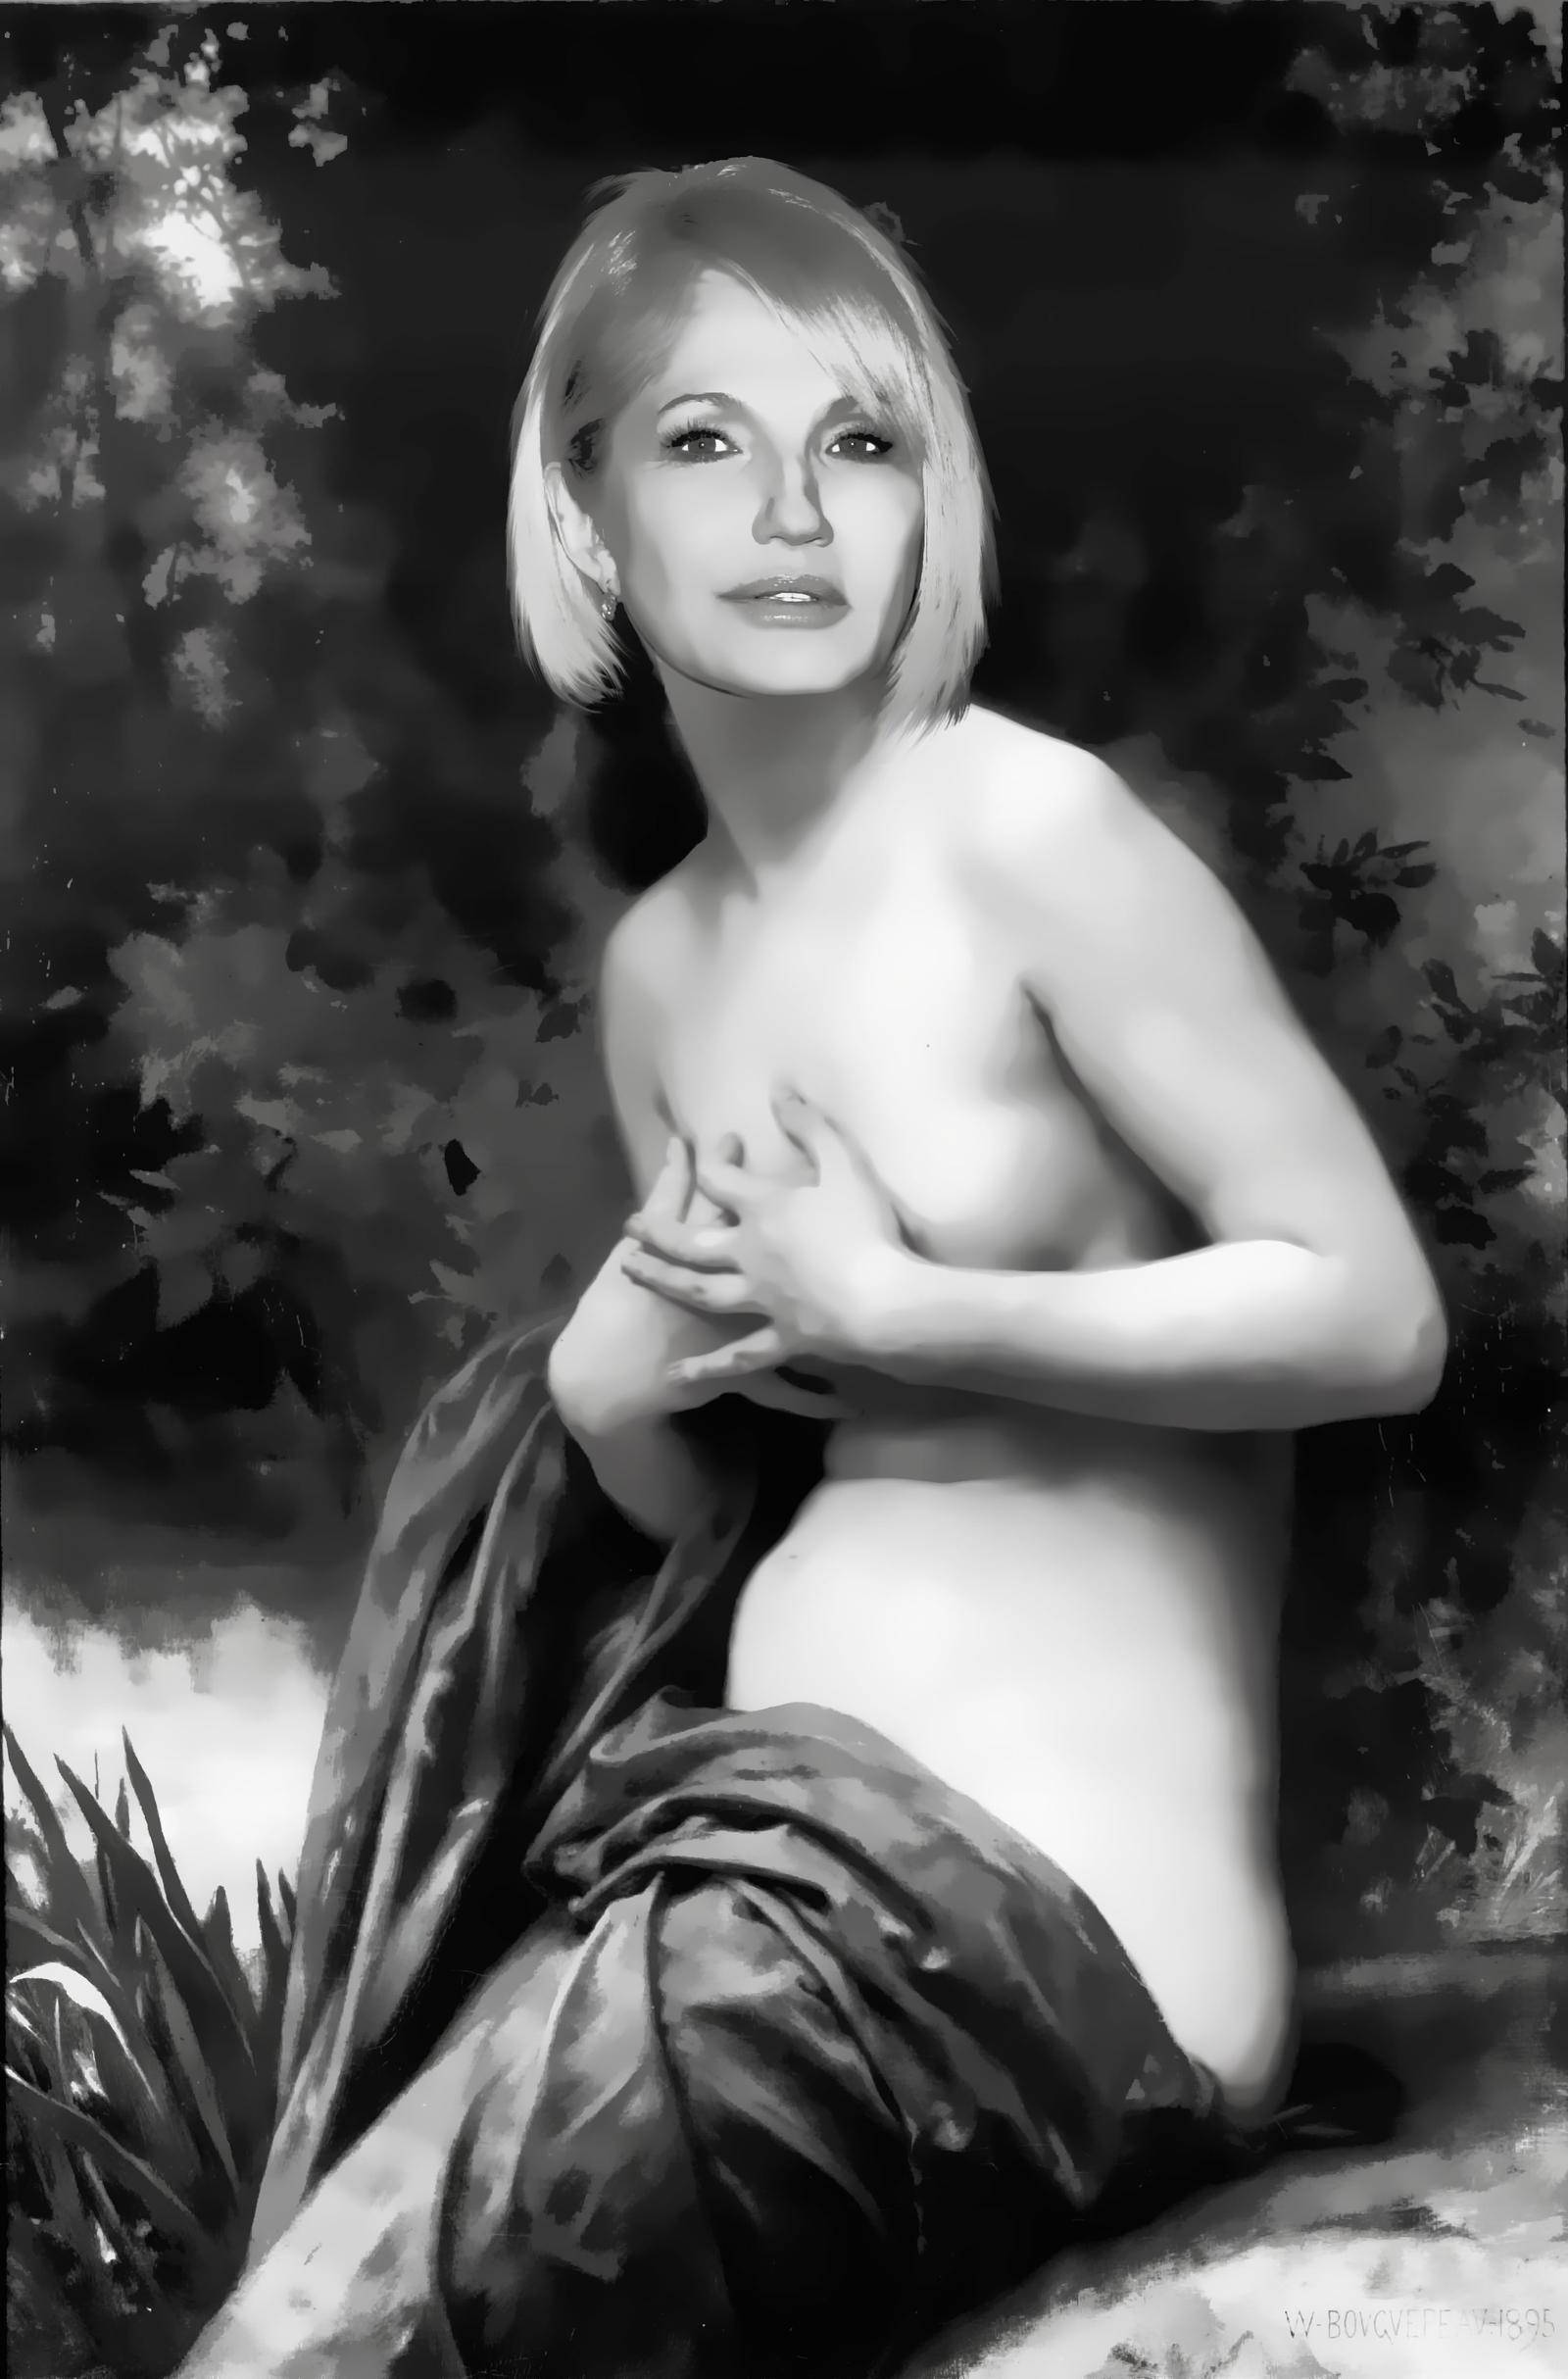 Эллен баркин голая 6 фотография